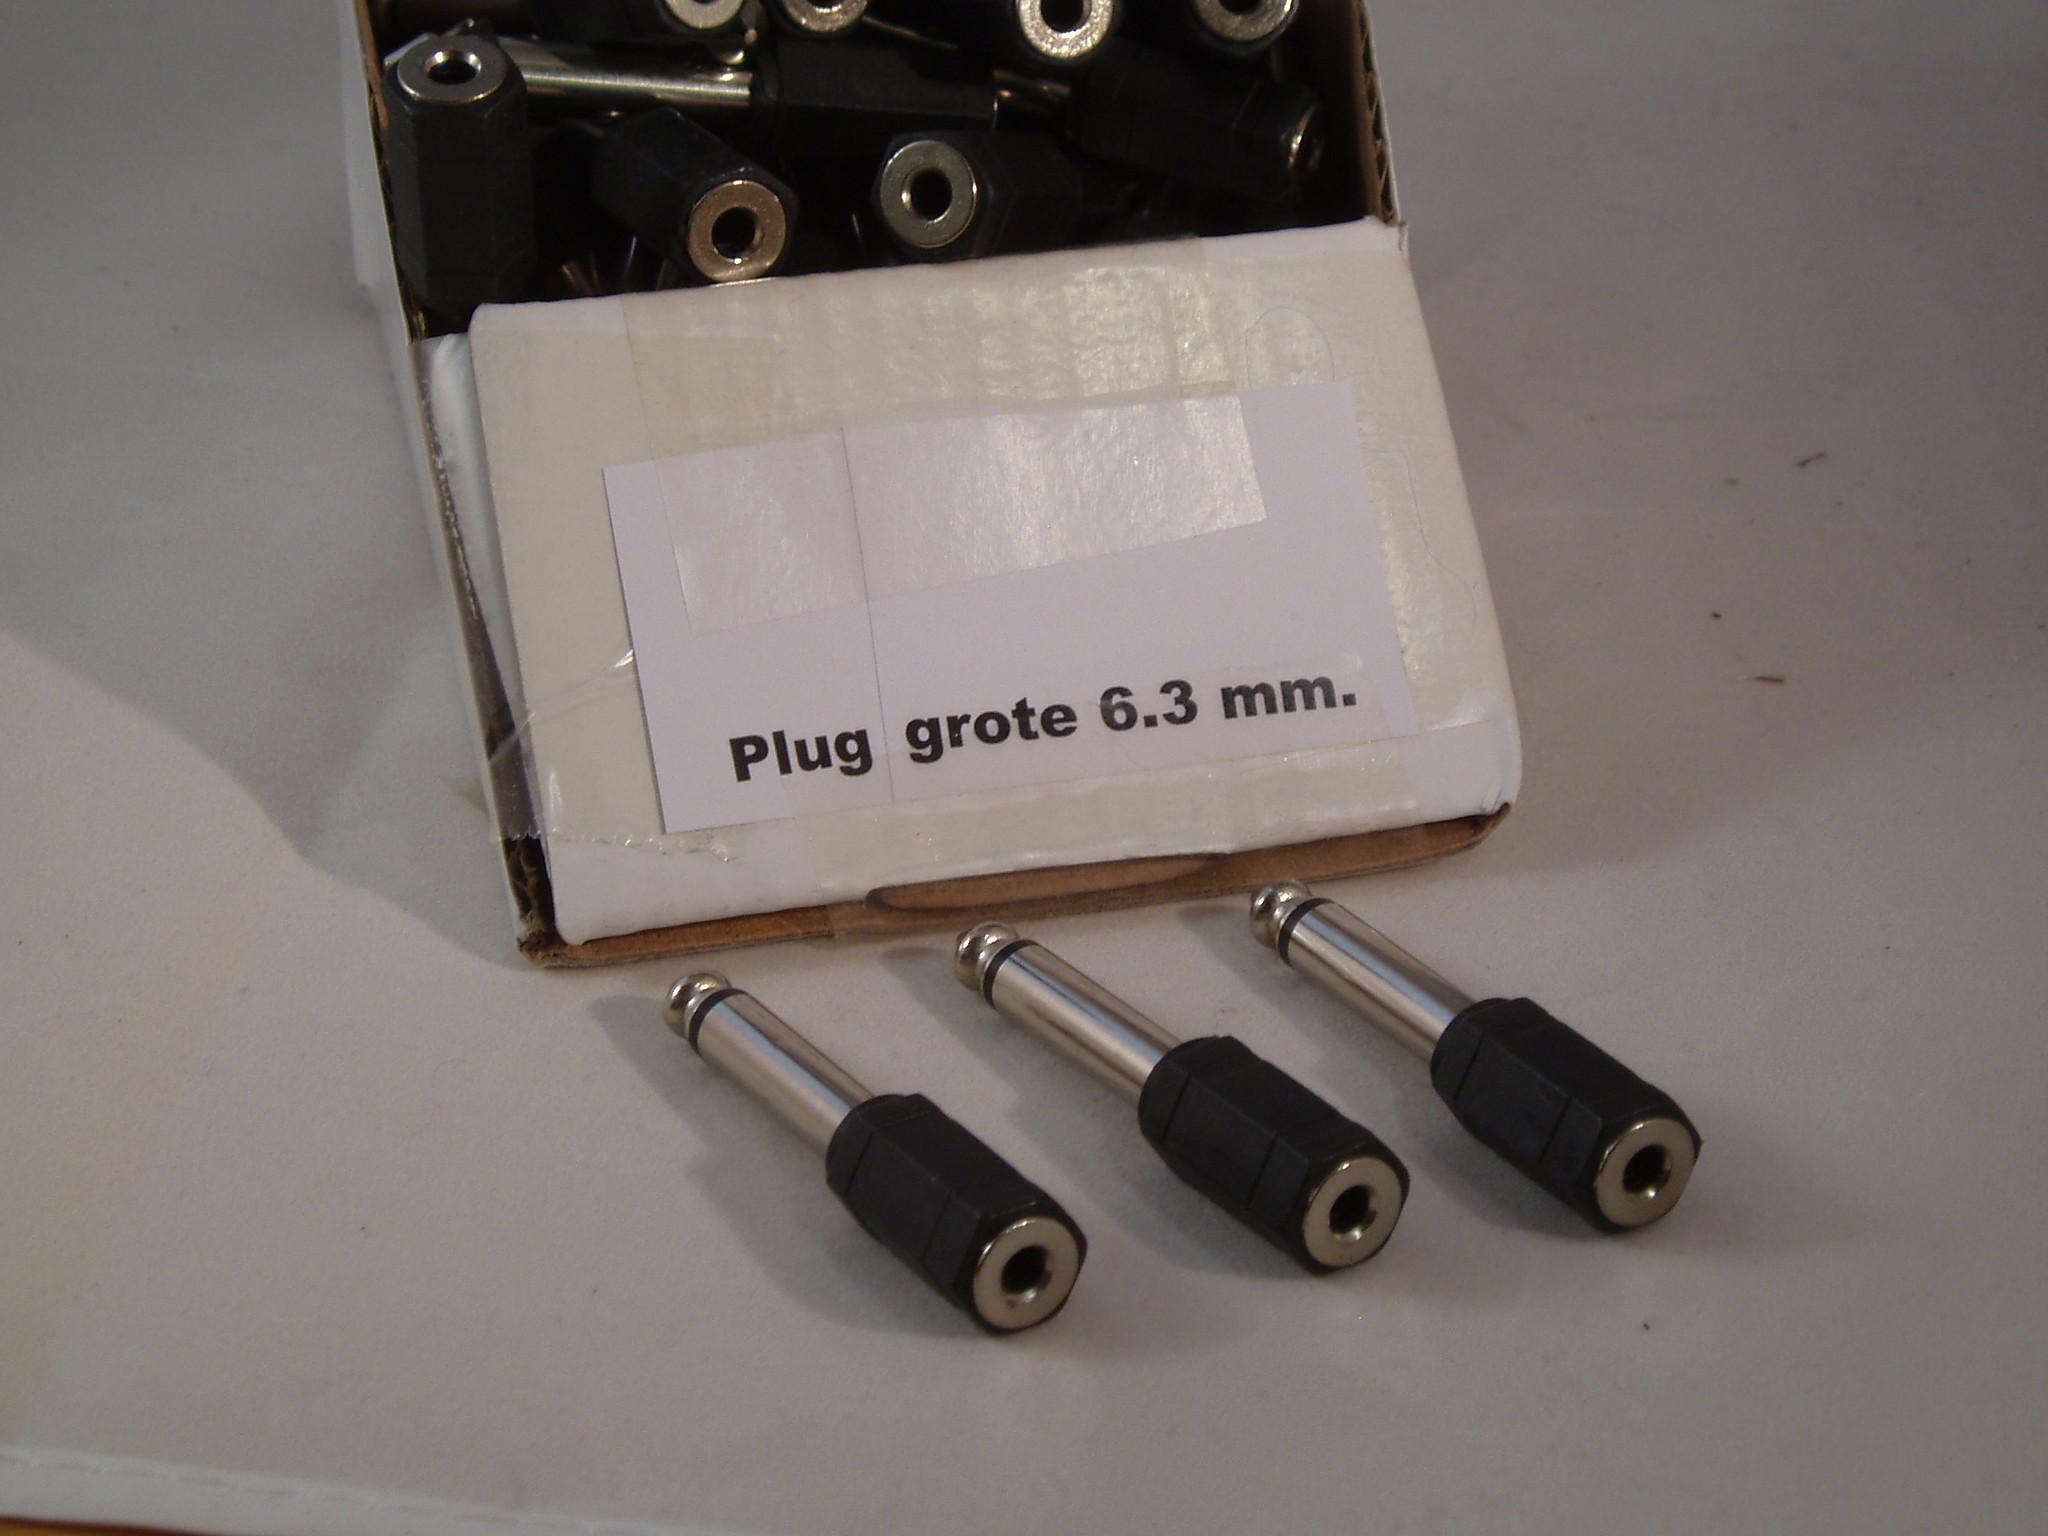 stekker 6.35 mm stereo naar 3.5 mm Jack verloop stekker 6.35 mm stereo naar 3.5 mm stereo contra.   Grote plug van 6.3 maar 3.5 mm